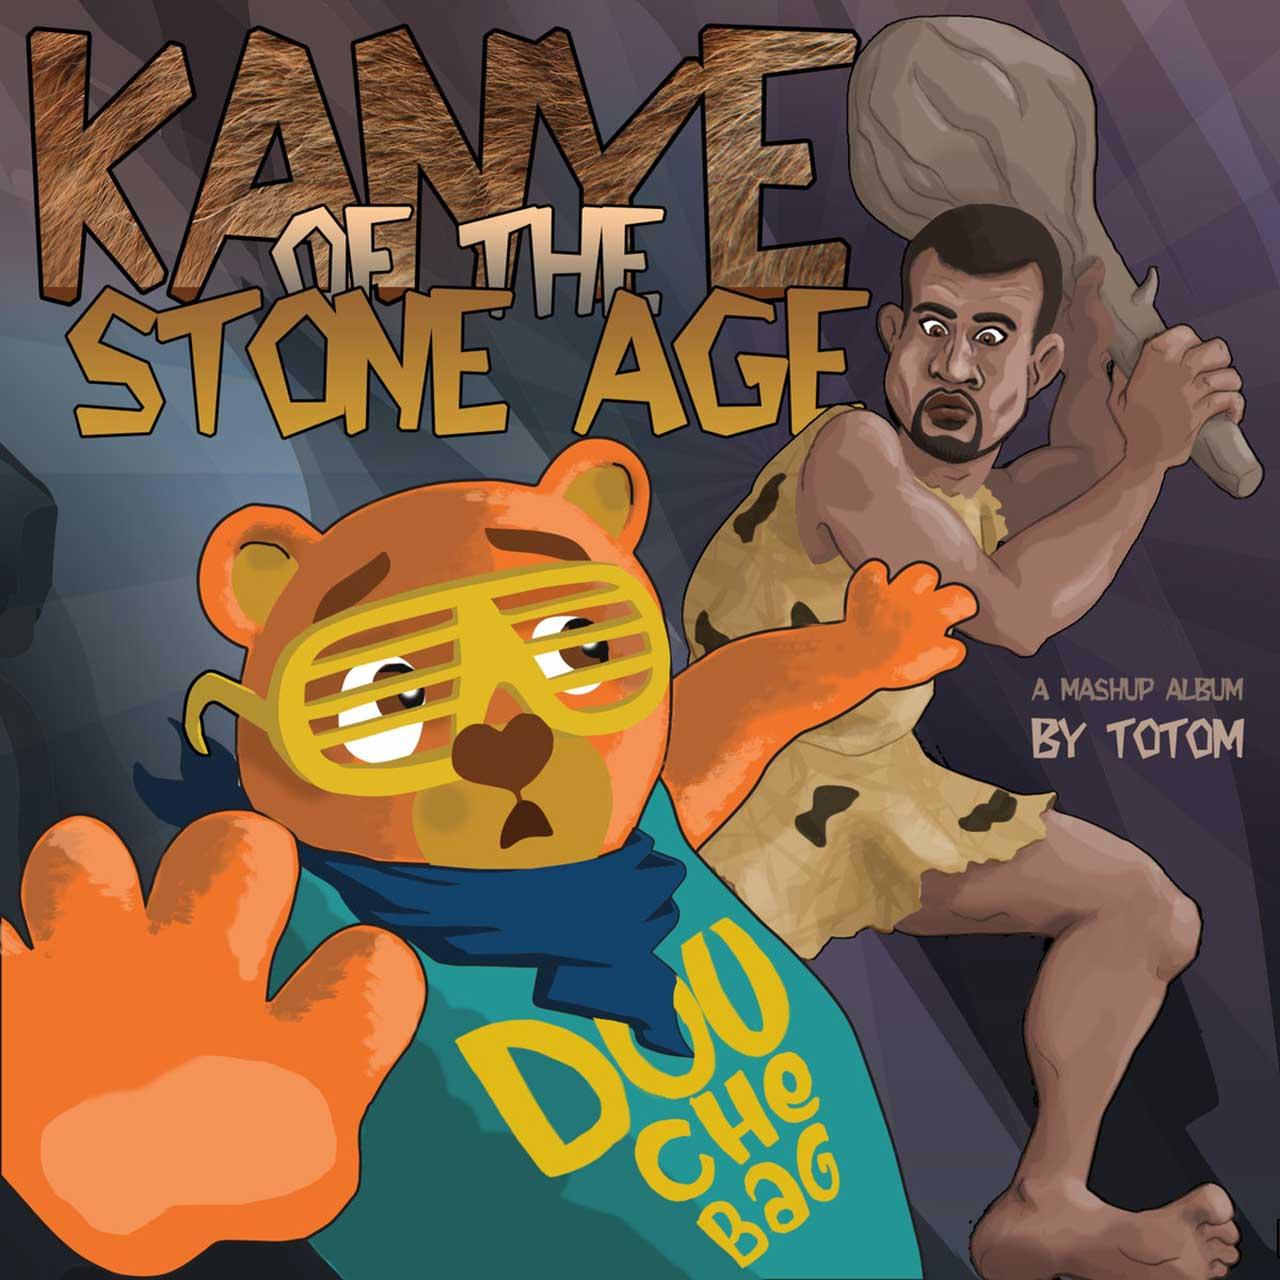 kanye_th_stone_age.jpg